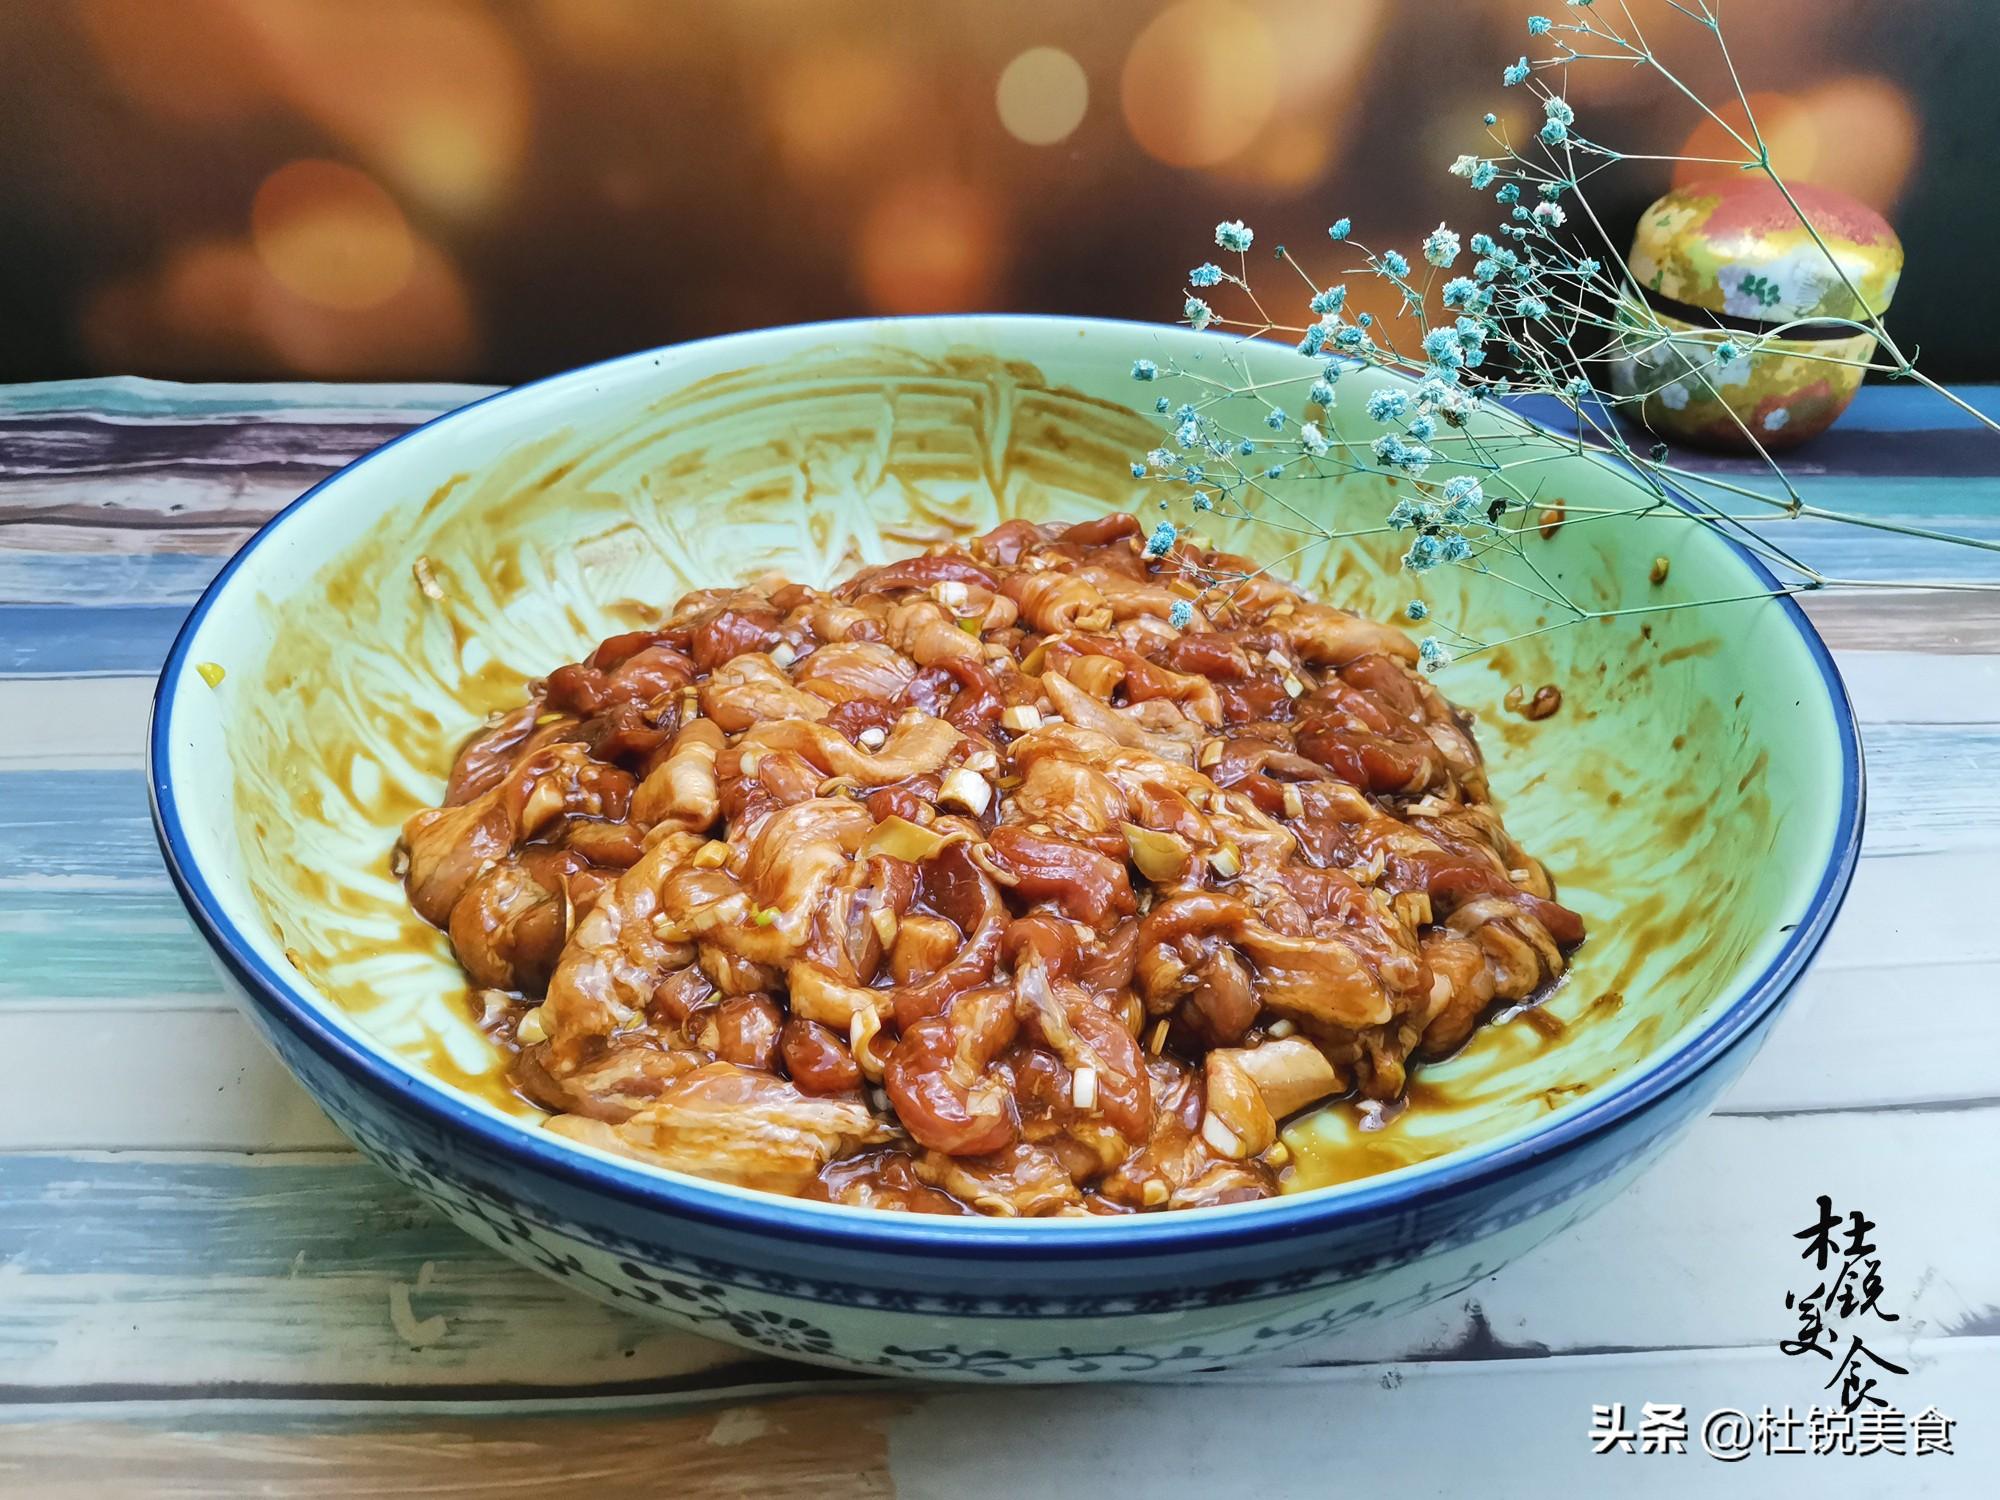 粉蒸肉美味做法,过年家宴上的吉祥菜,寓意来年日子蒸蒸日上 美食做法 第3张